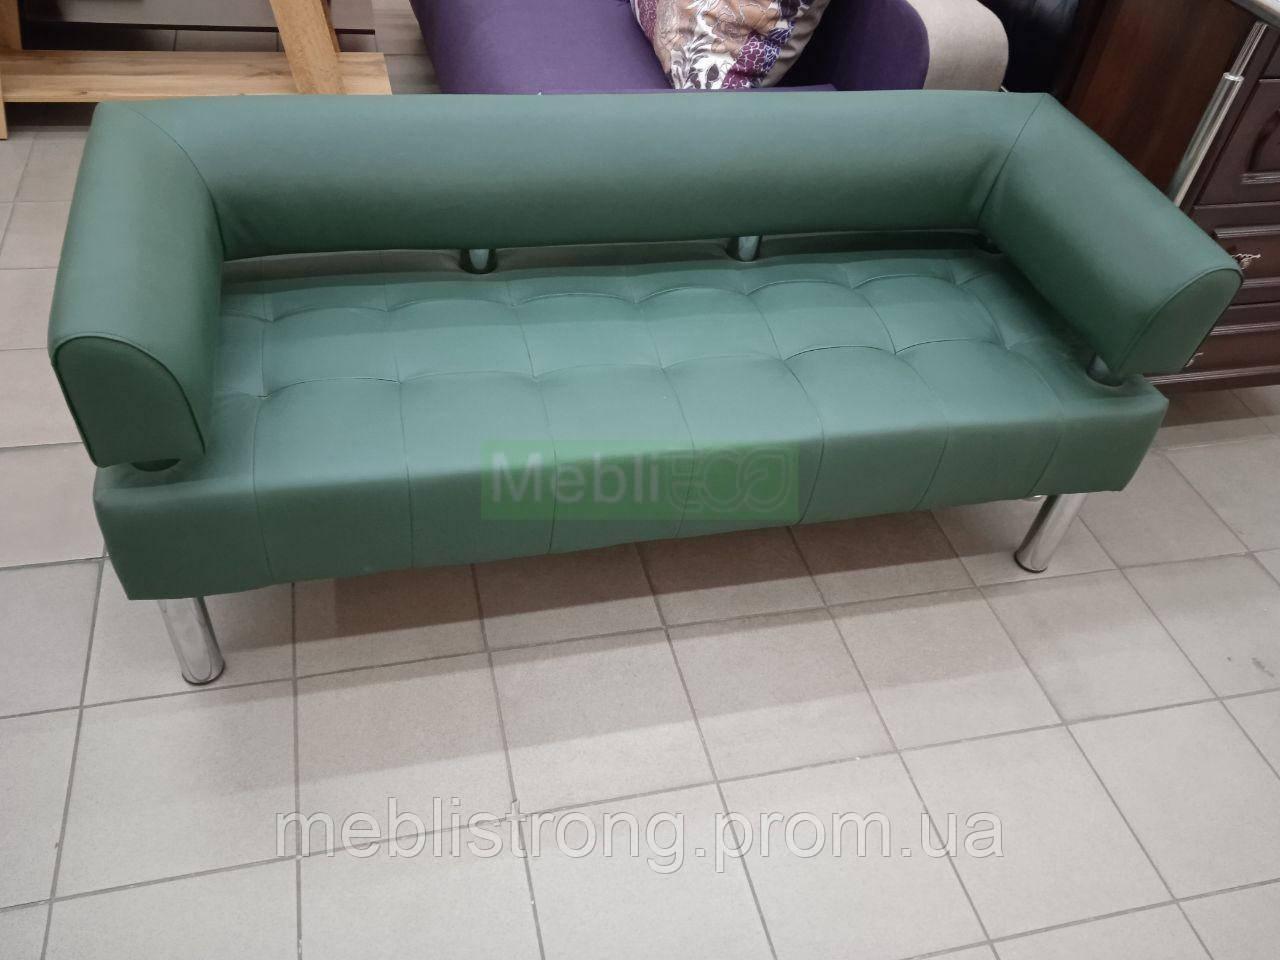 Офисный диван в офис Стронг (MebliSTRONG) - темно-зеленый цвет матовый